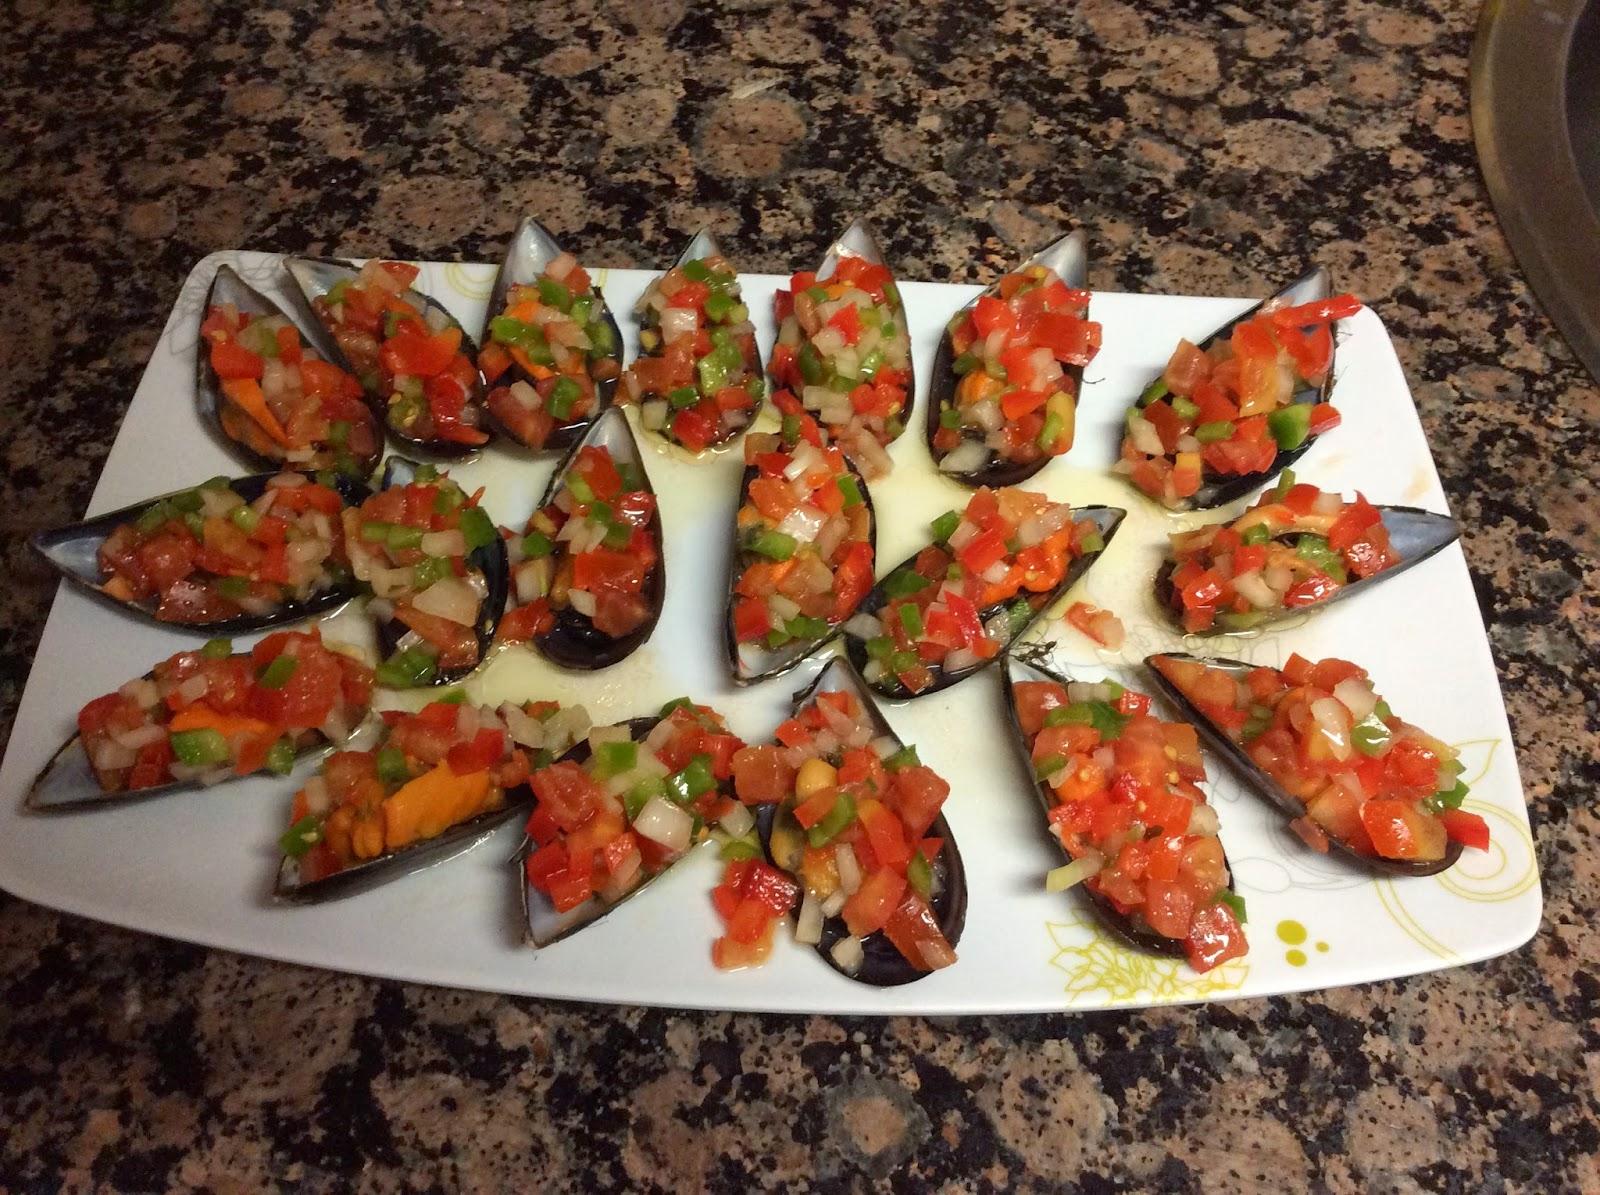 Mejillones con picadito de verduras.